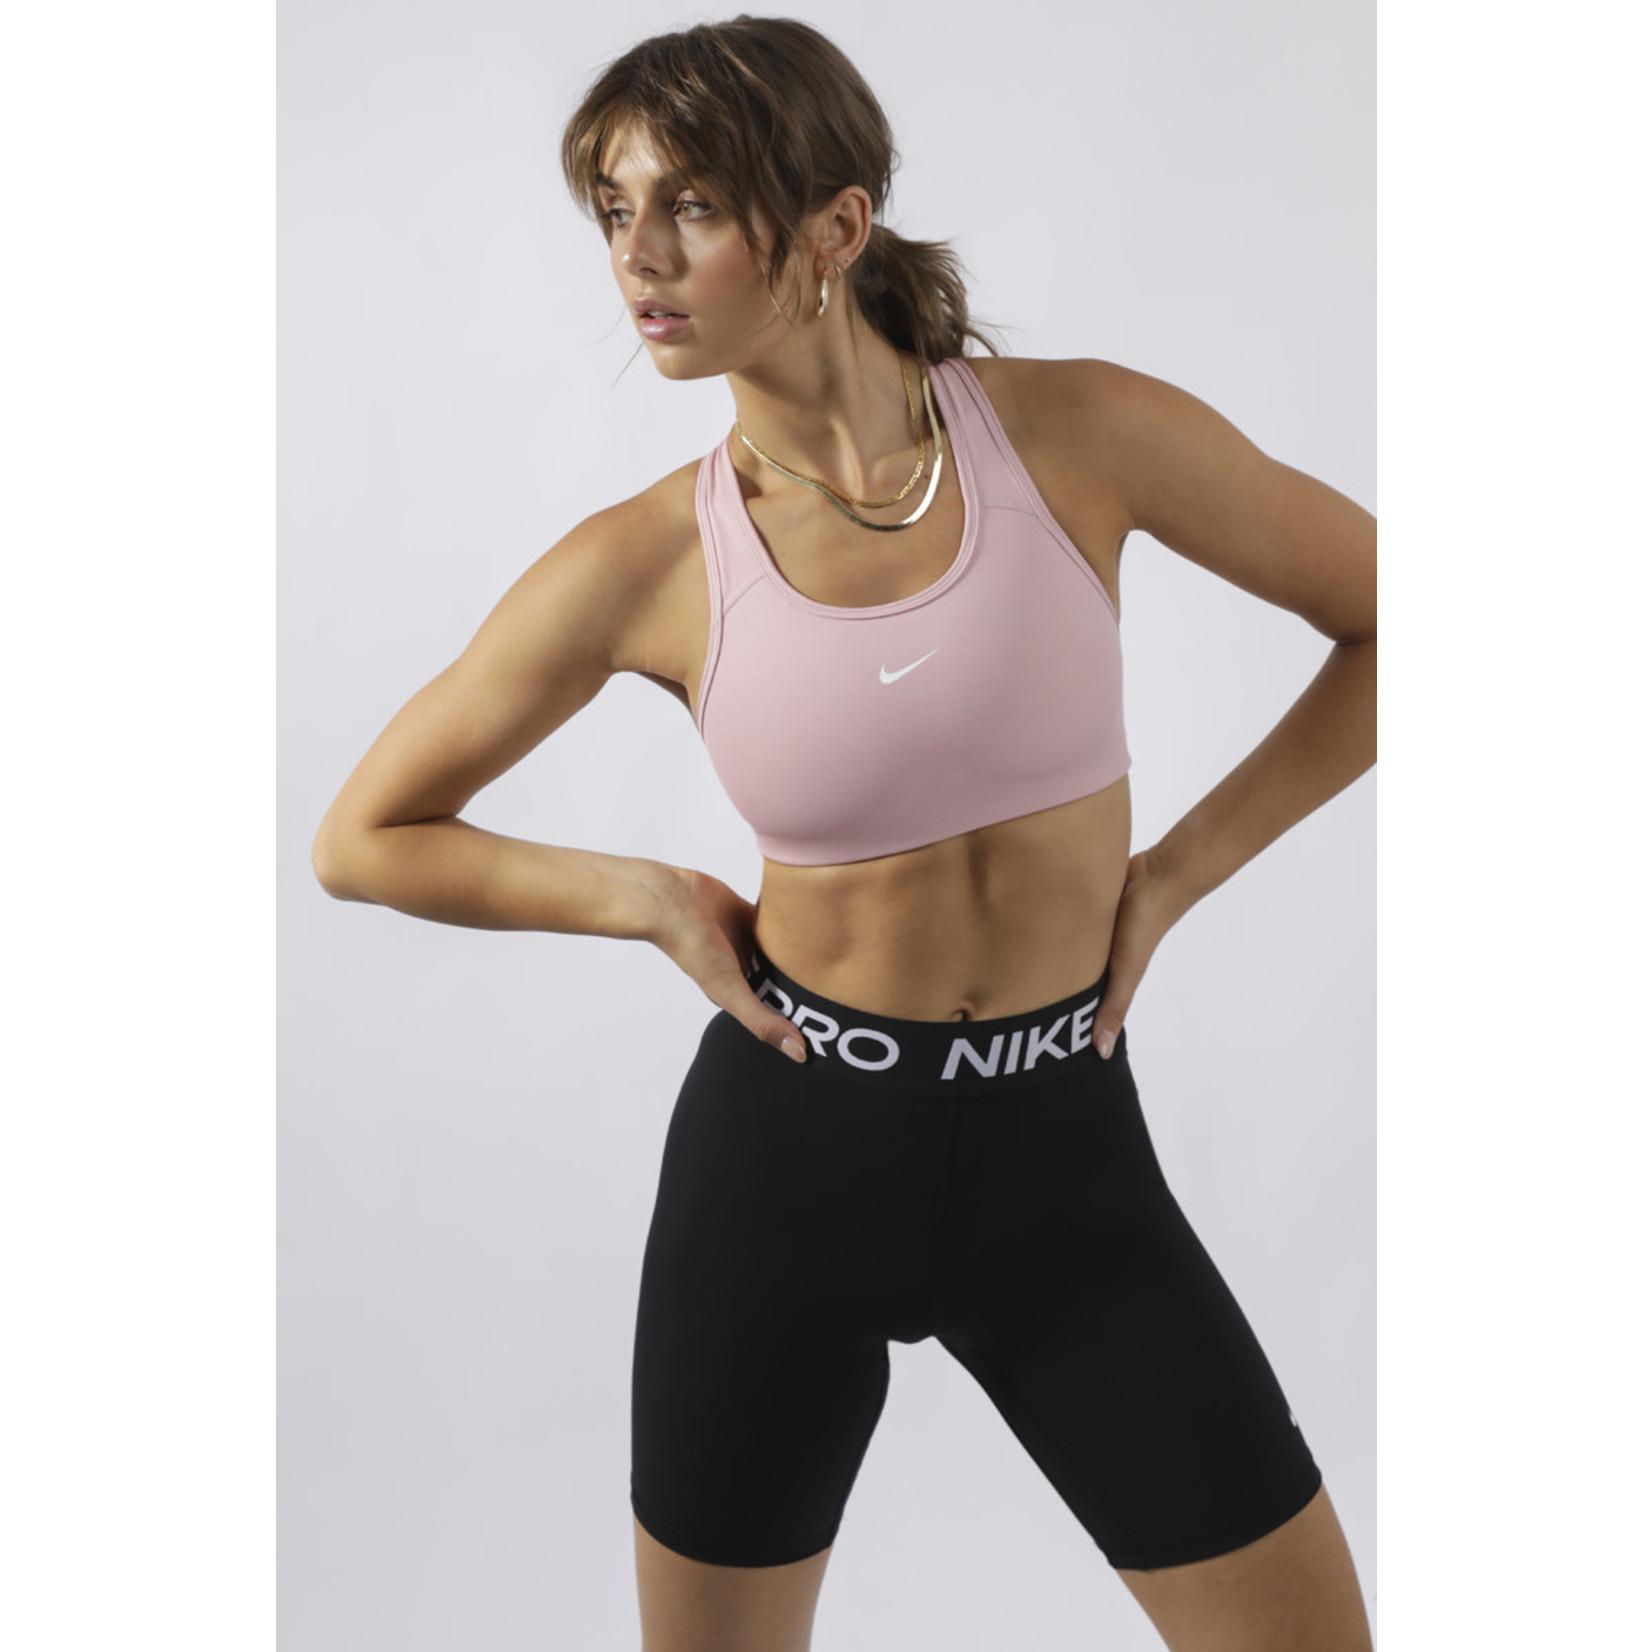 Nike Nike Bra, Dri-Fit Swoosh, Ladies